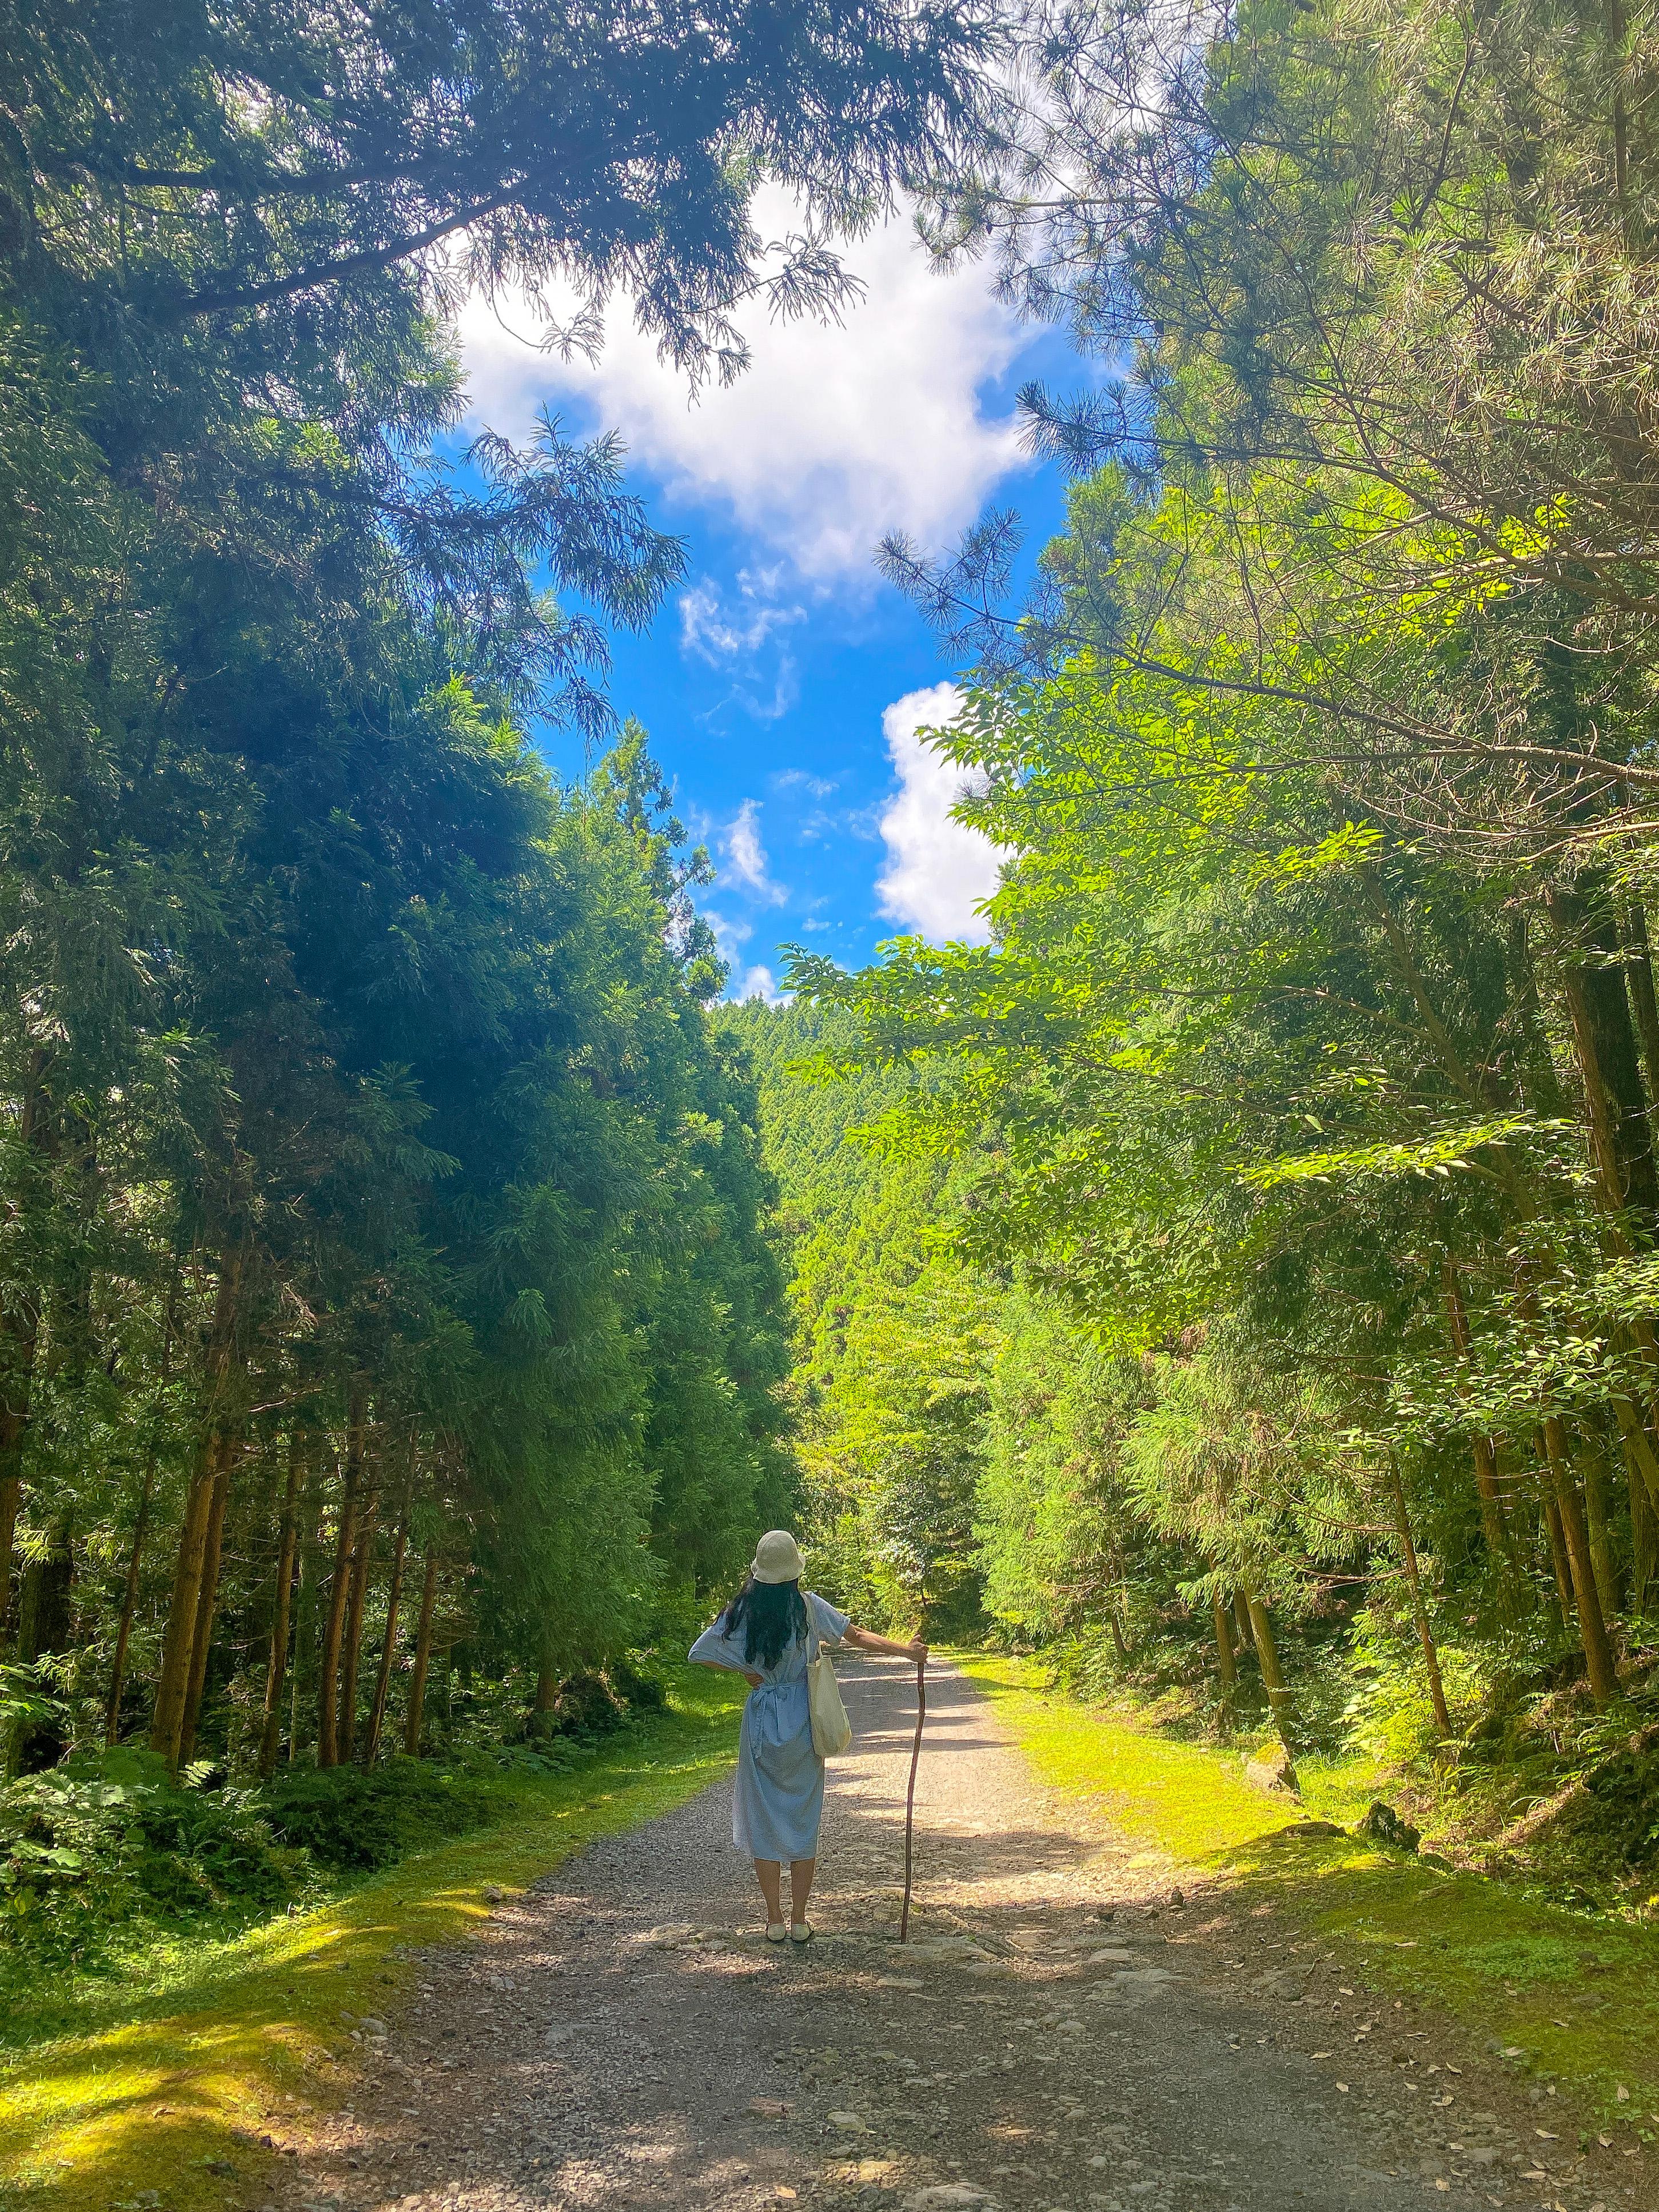 본격적인 숲 탐방 시작